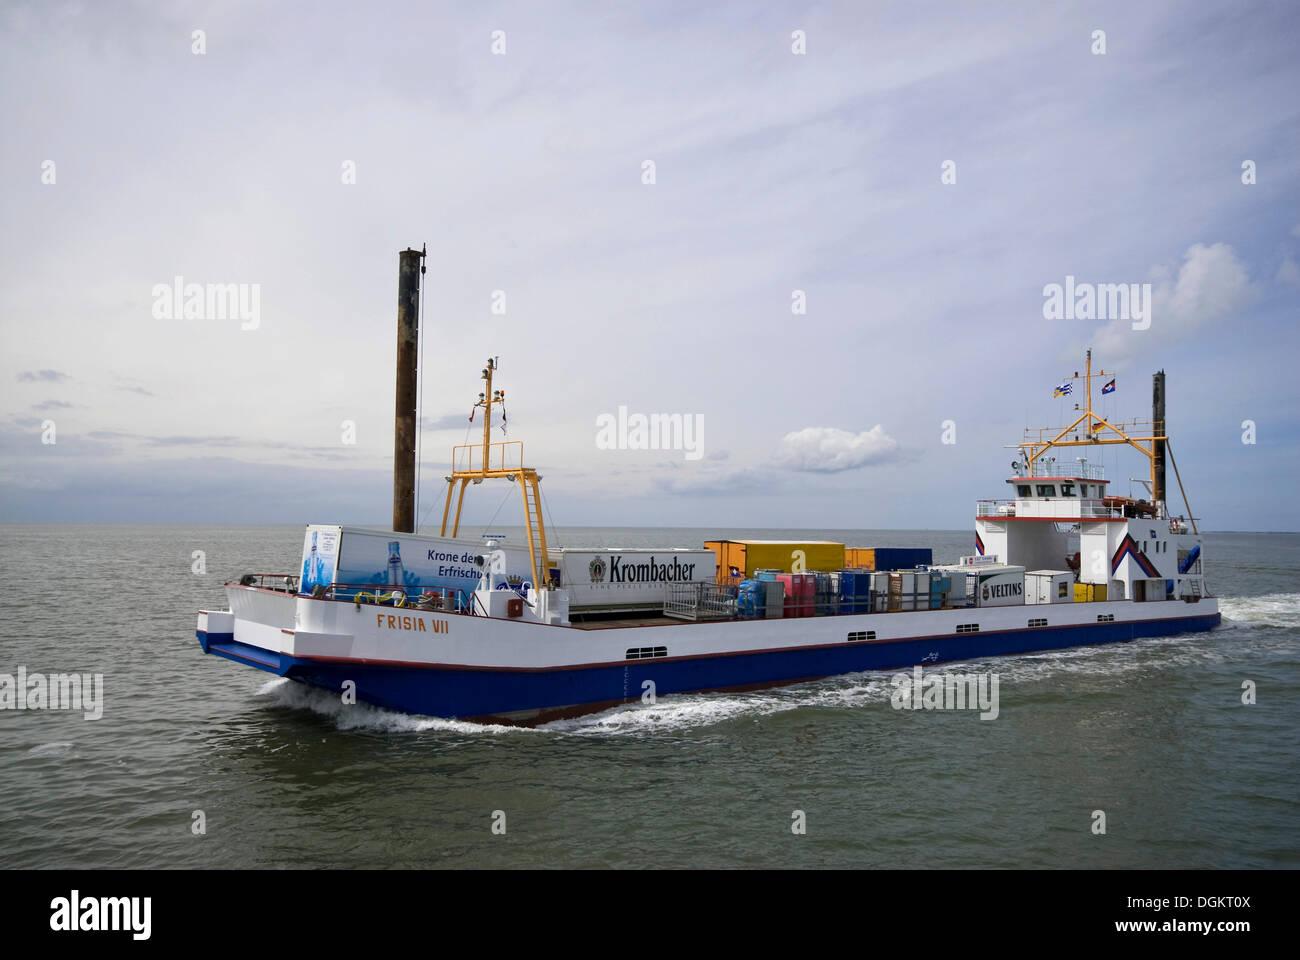 Wohnung gekielt Frachter in Bewegung, Frisia VII, mit Zubehör für Insel Juist, Niedersachsen, Wattenmeer Stockbild